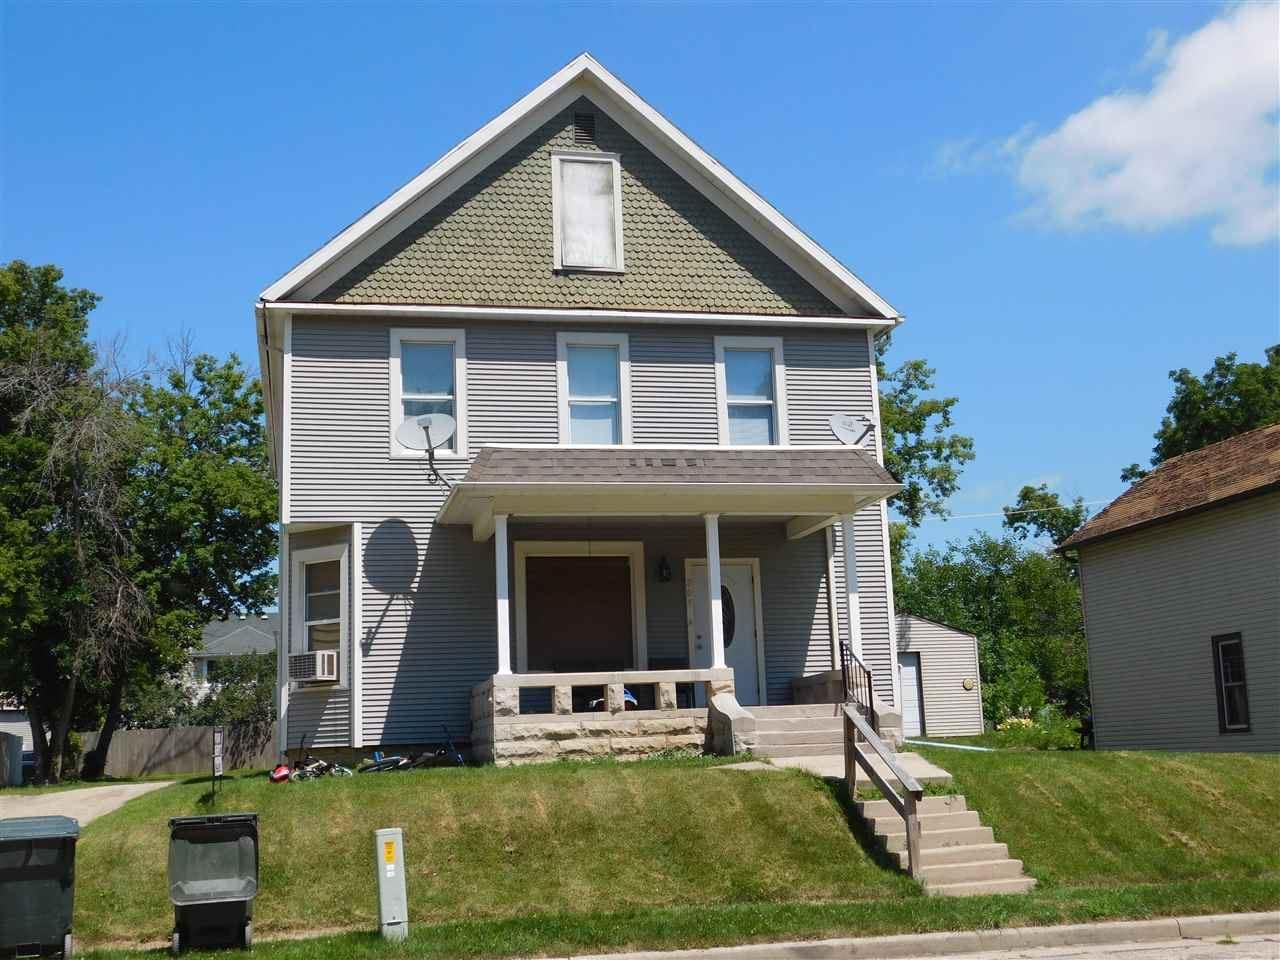 205 W Green St, Fox Lake, WI 53933 - #: 1891568